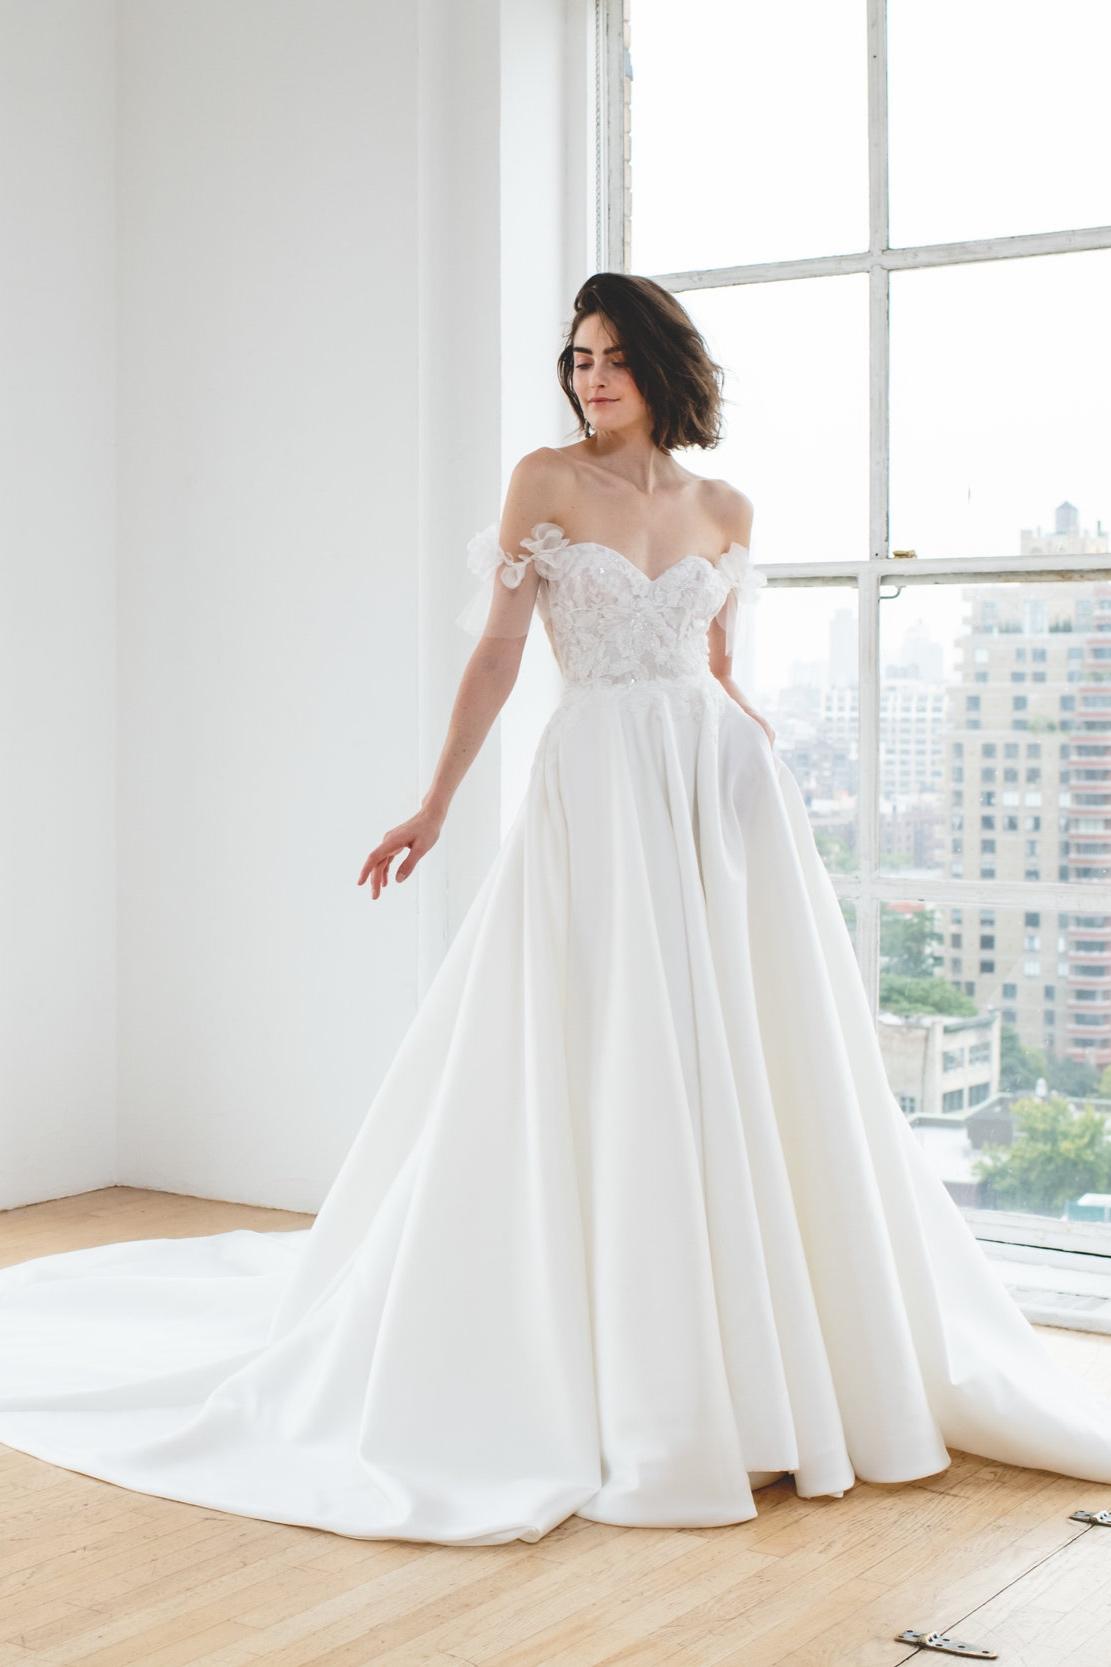 Ines by Ines Di Santo Bridal Fall 2019   NICOLETTE    INQUIRE